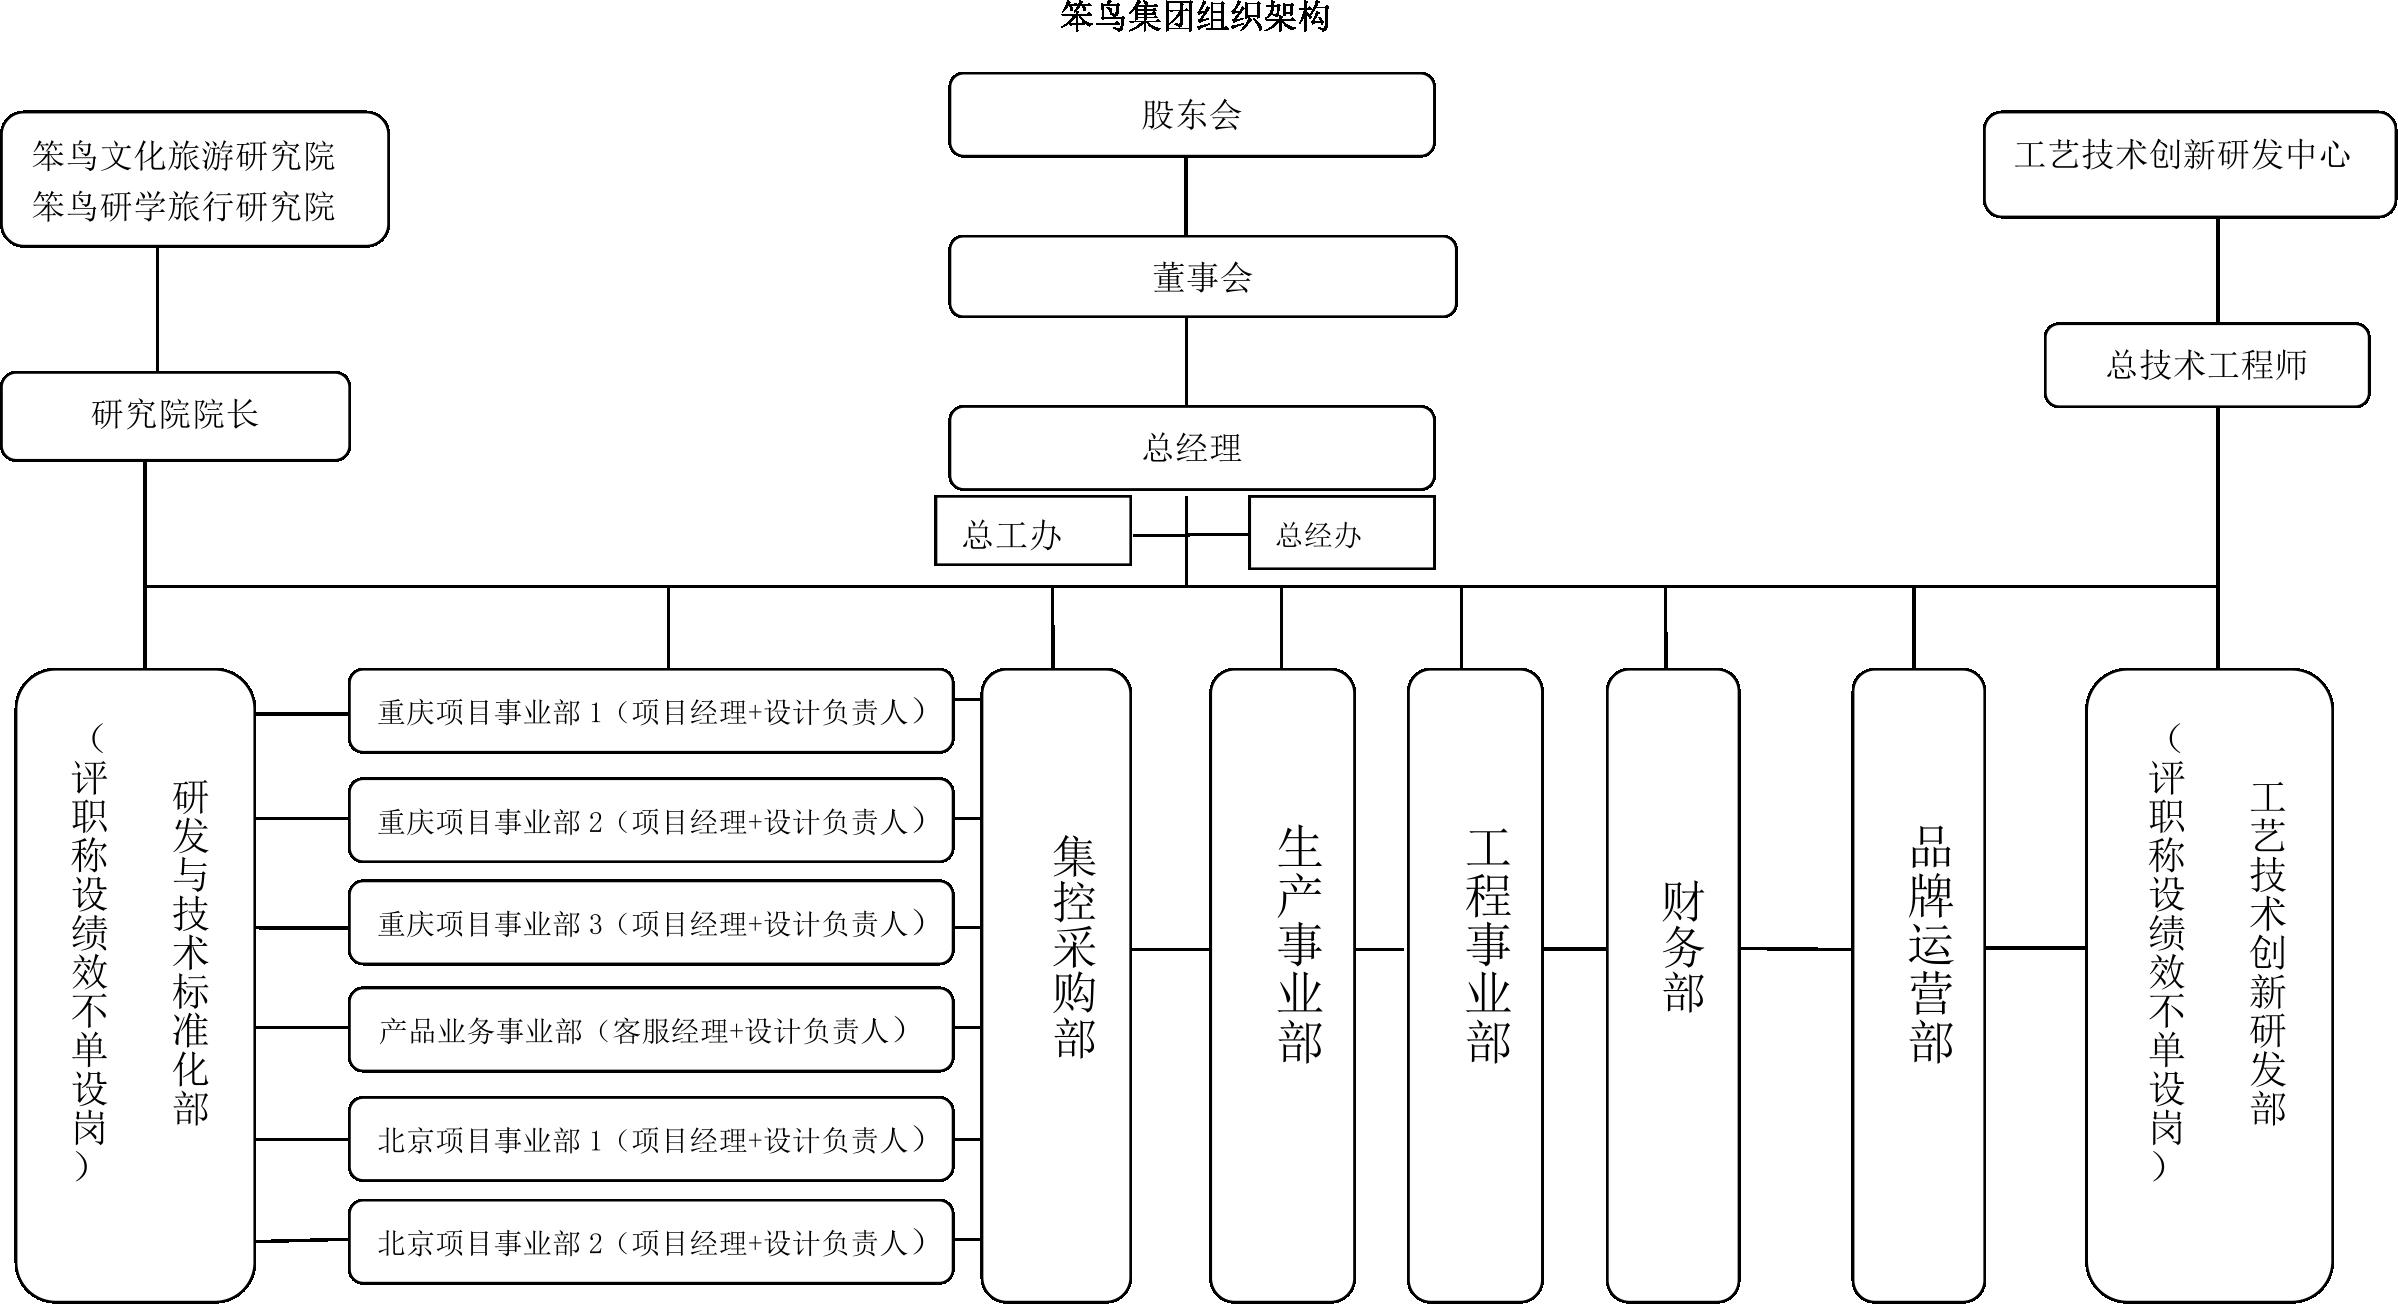 齐发老虎机文化齐发老虎机组织框架